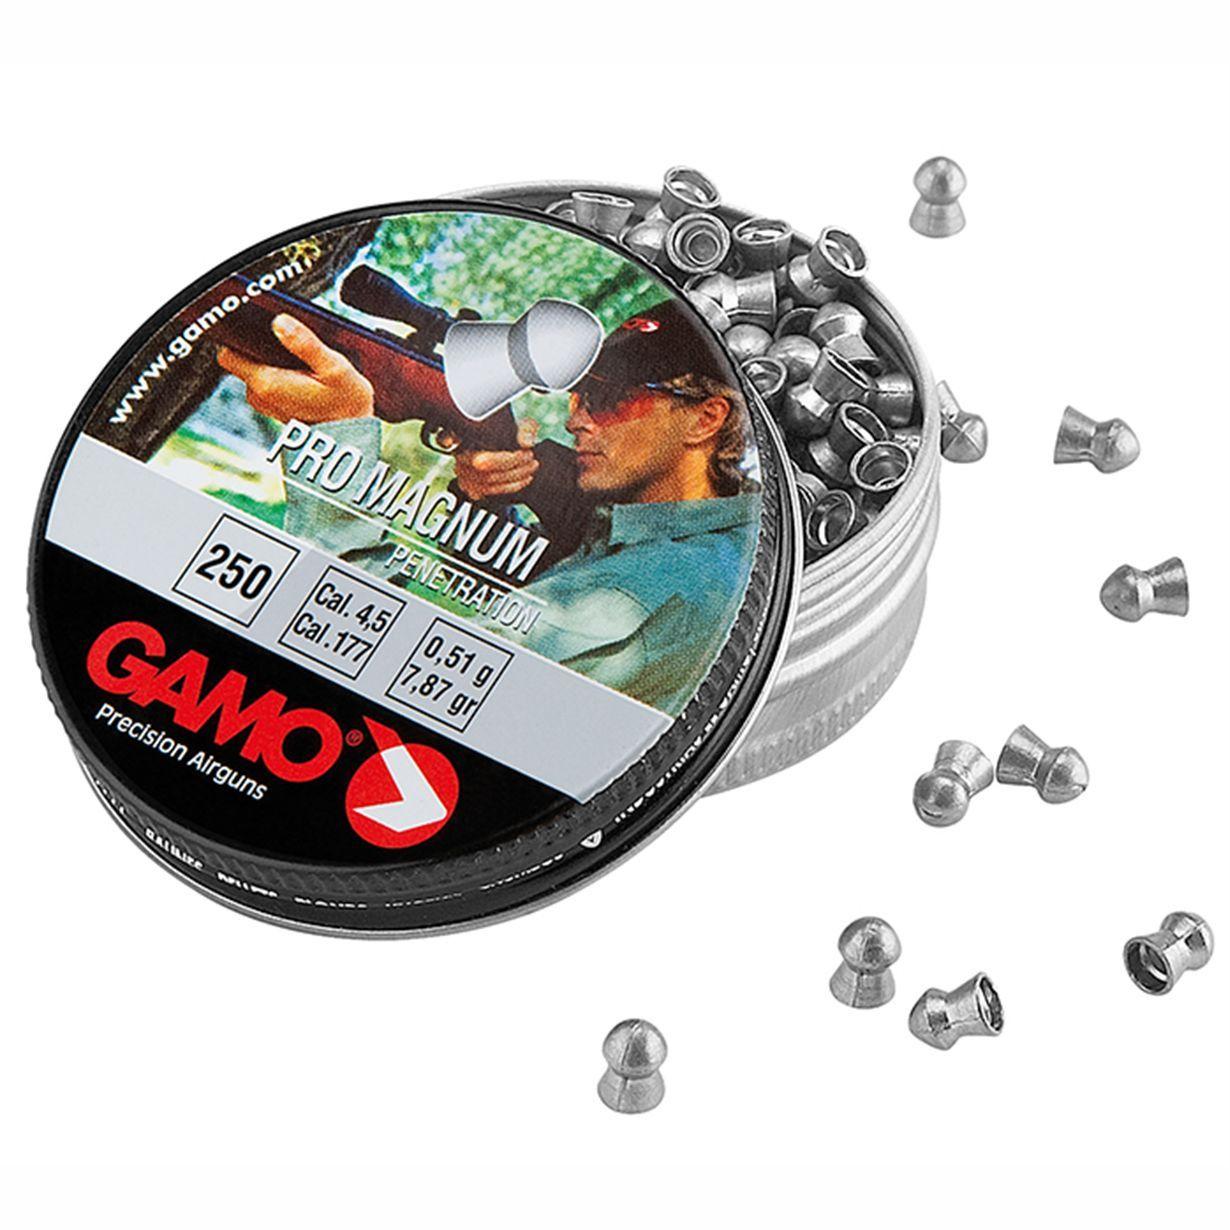 Chumbinho Gamo Pro Magnum Penetration Cal. 4,5mm - 250 unidades